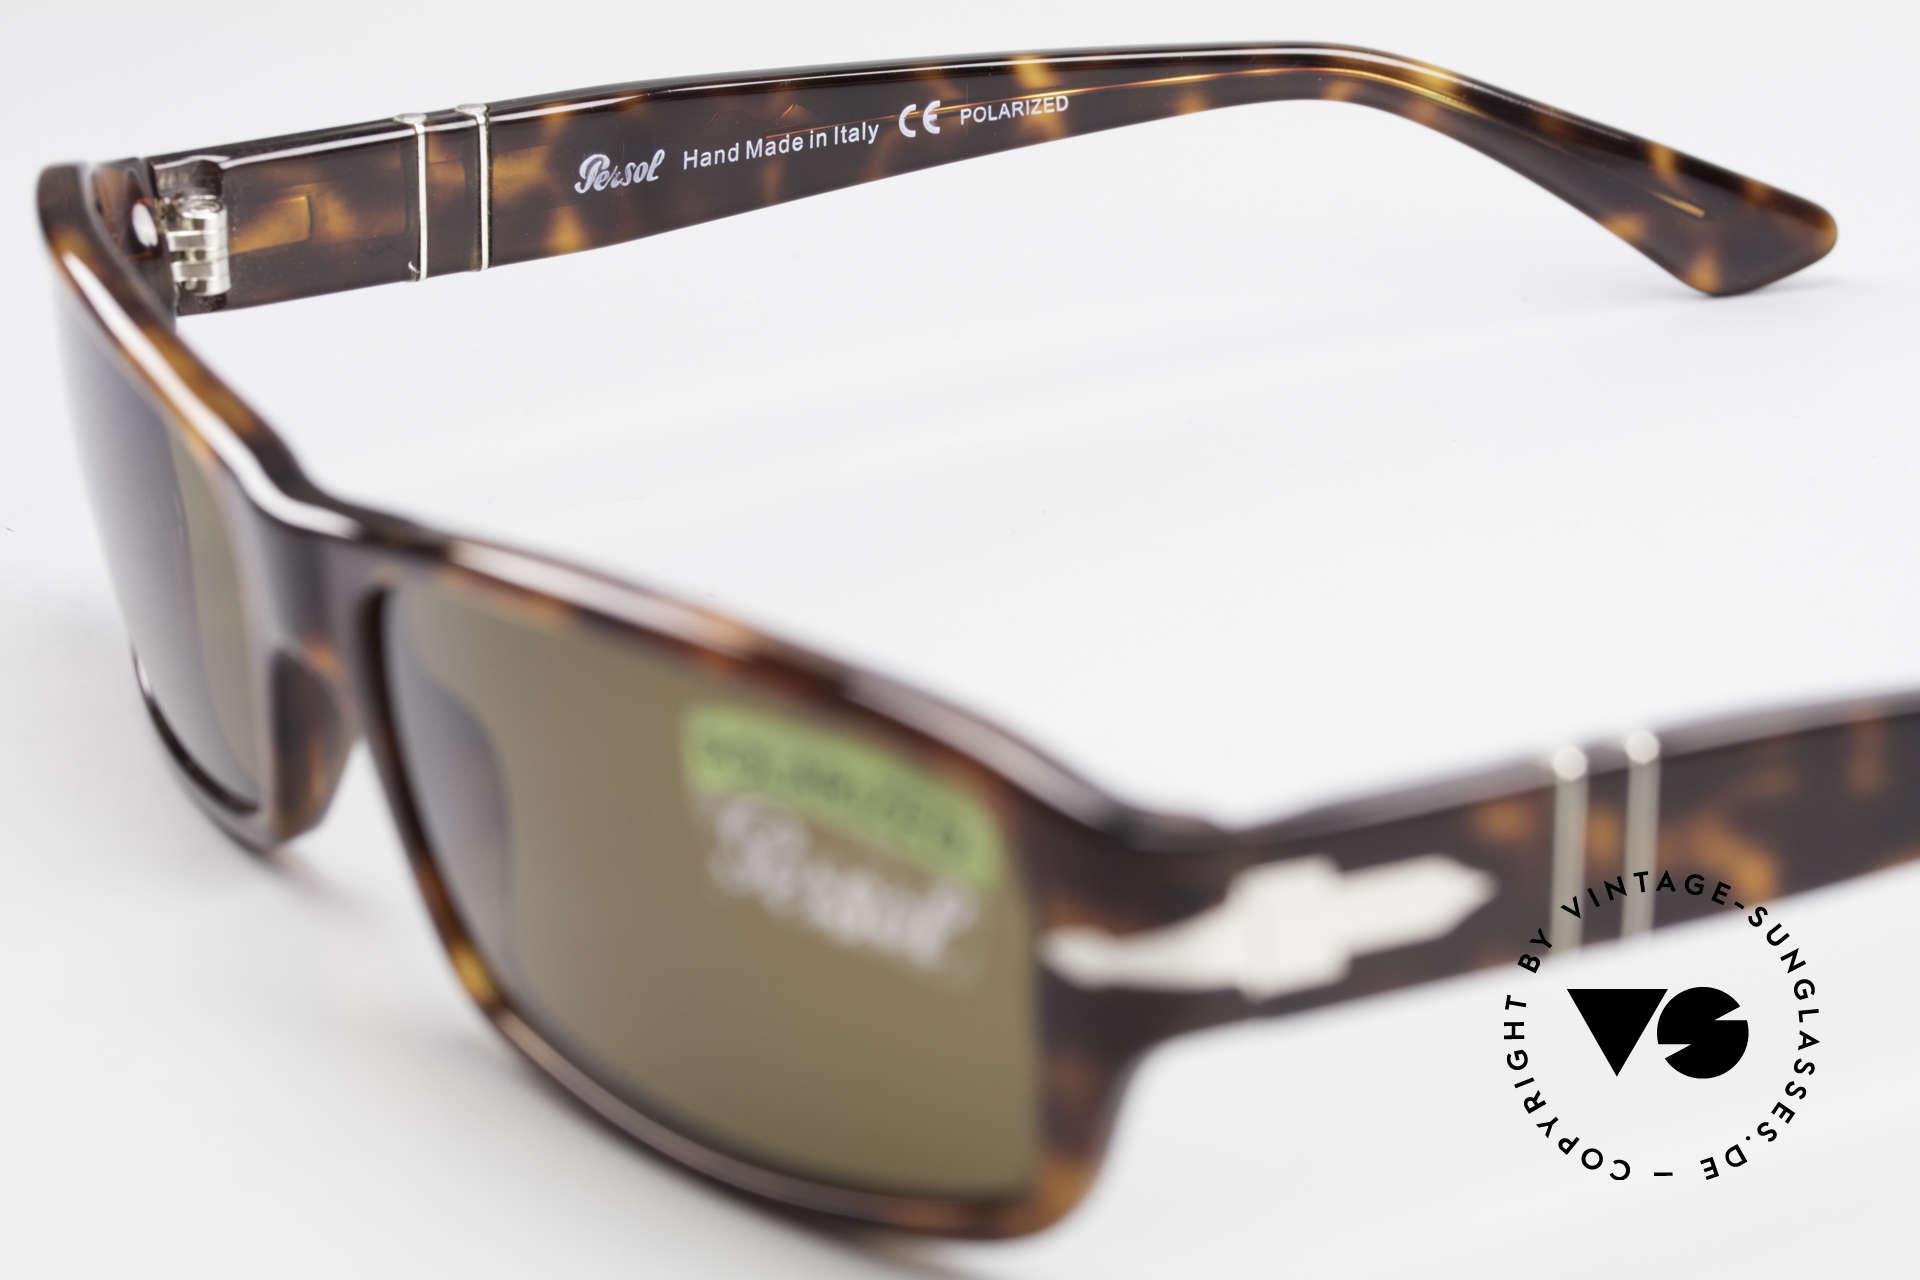 Persol 2786 Klassische Sonnenbrille Polar, eine Neuauflage der alten Brillen von Persol Ratti, Passend für Herren und Damen